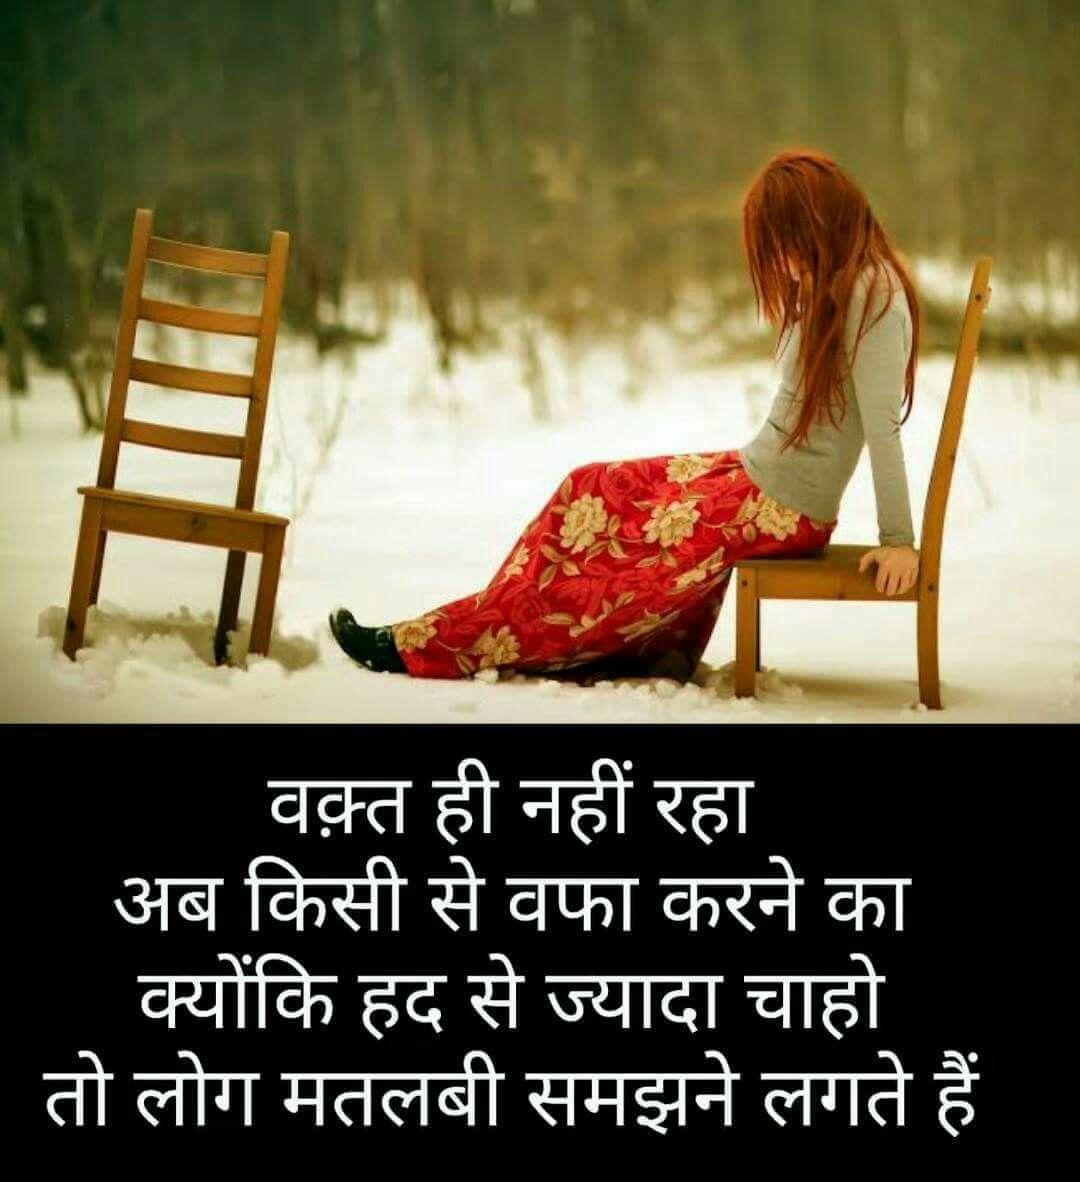 Pin By Vicky Gupta On Hh Hindi Quotes On Life Hindi Quotes Shayri Life